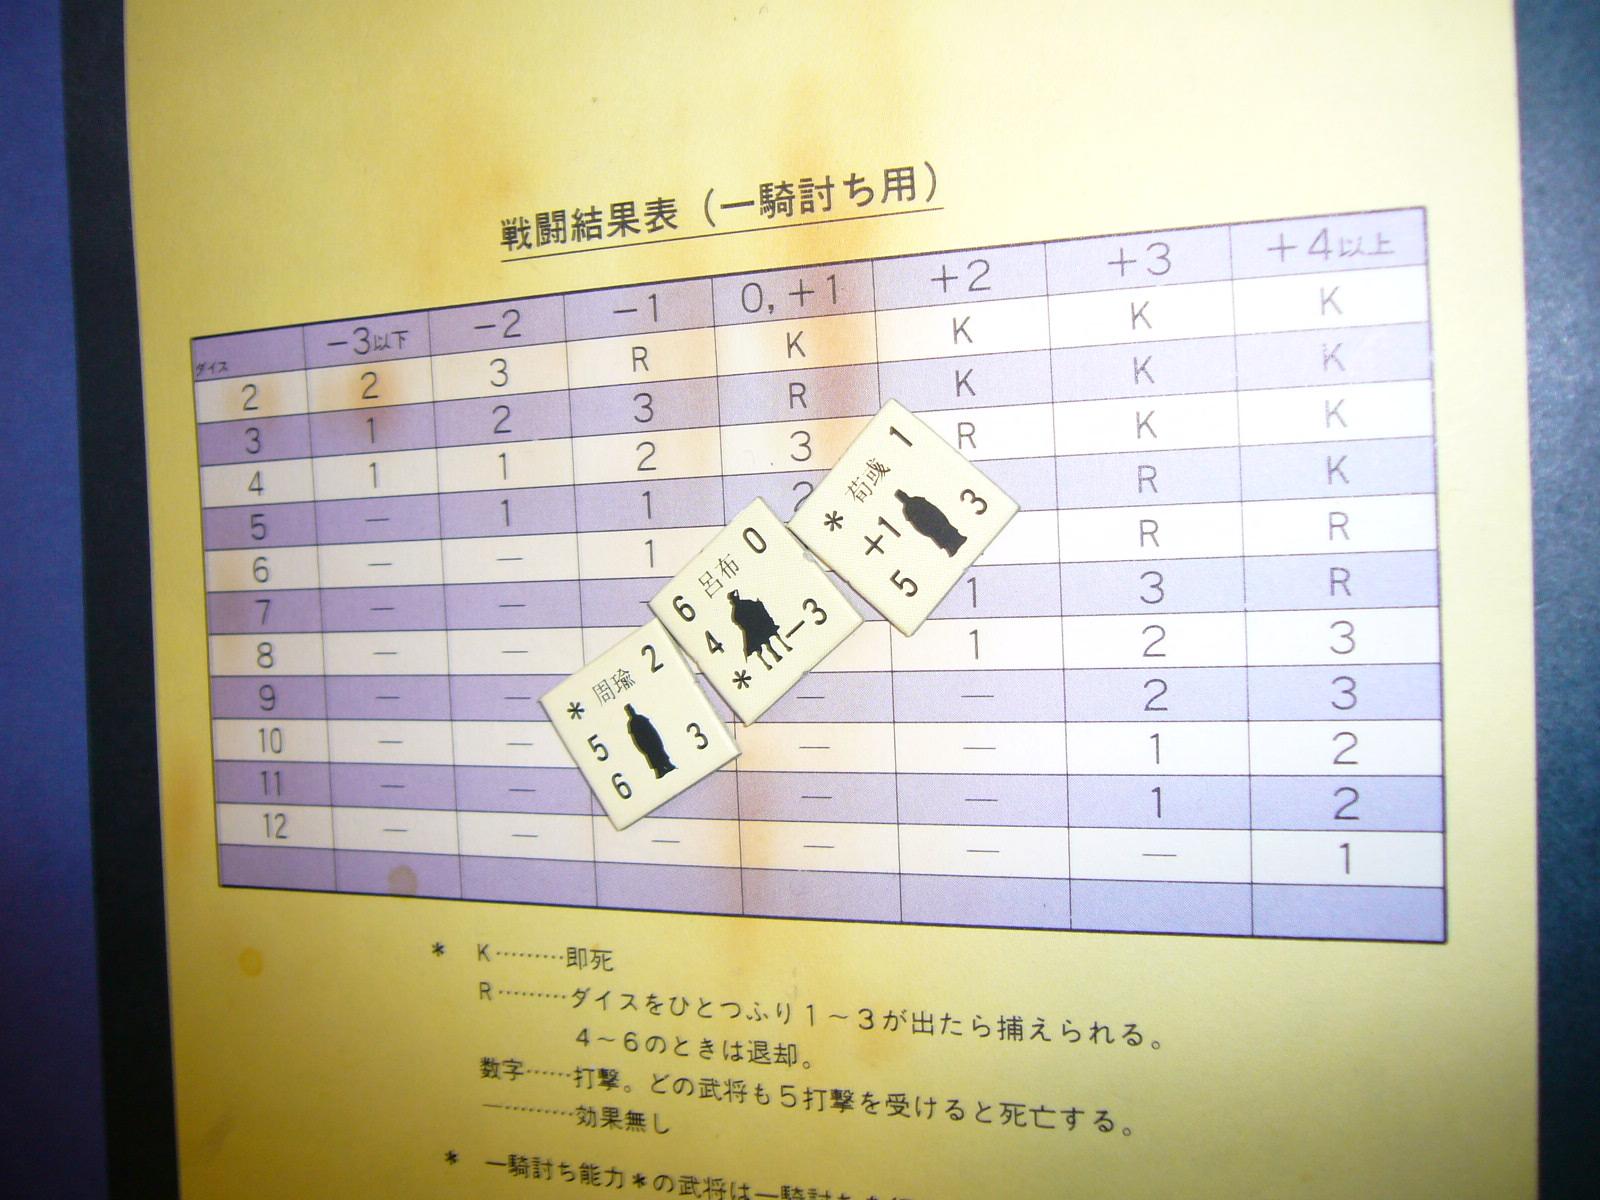 YSGA「3月例会」の様子その10(エポック社三国志演義を六人で)_b0173672_10373058.jpg